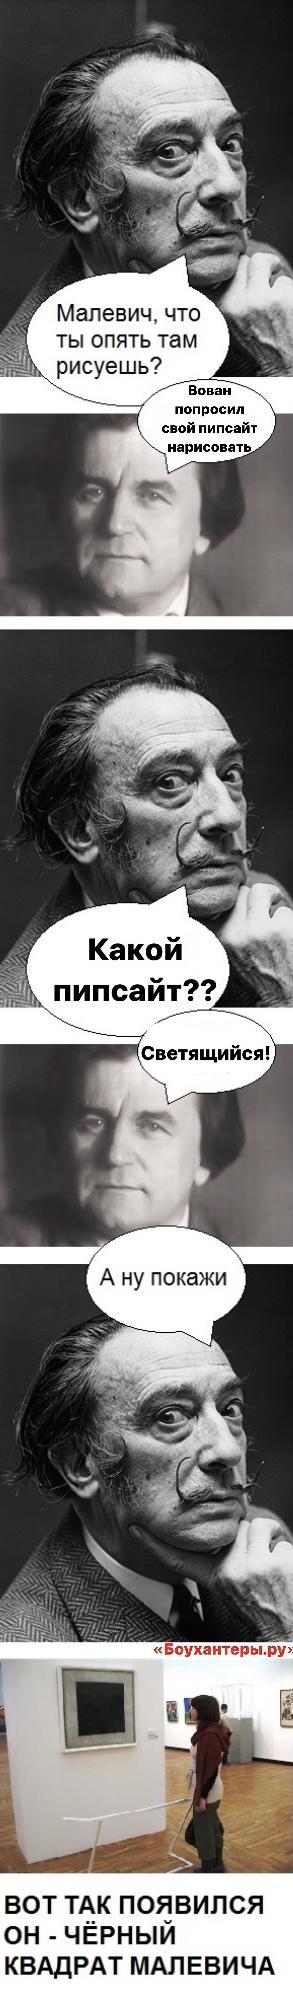 http://forumupload.ru/uploads/001a/8c/05/2/t630200.jpg